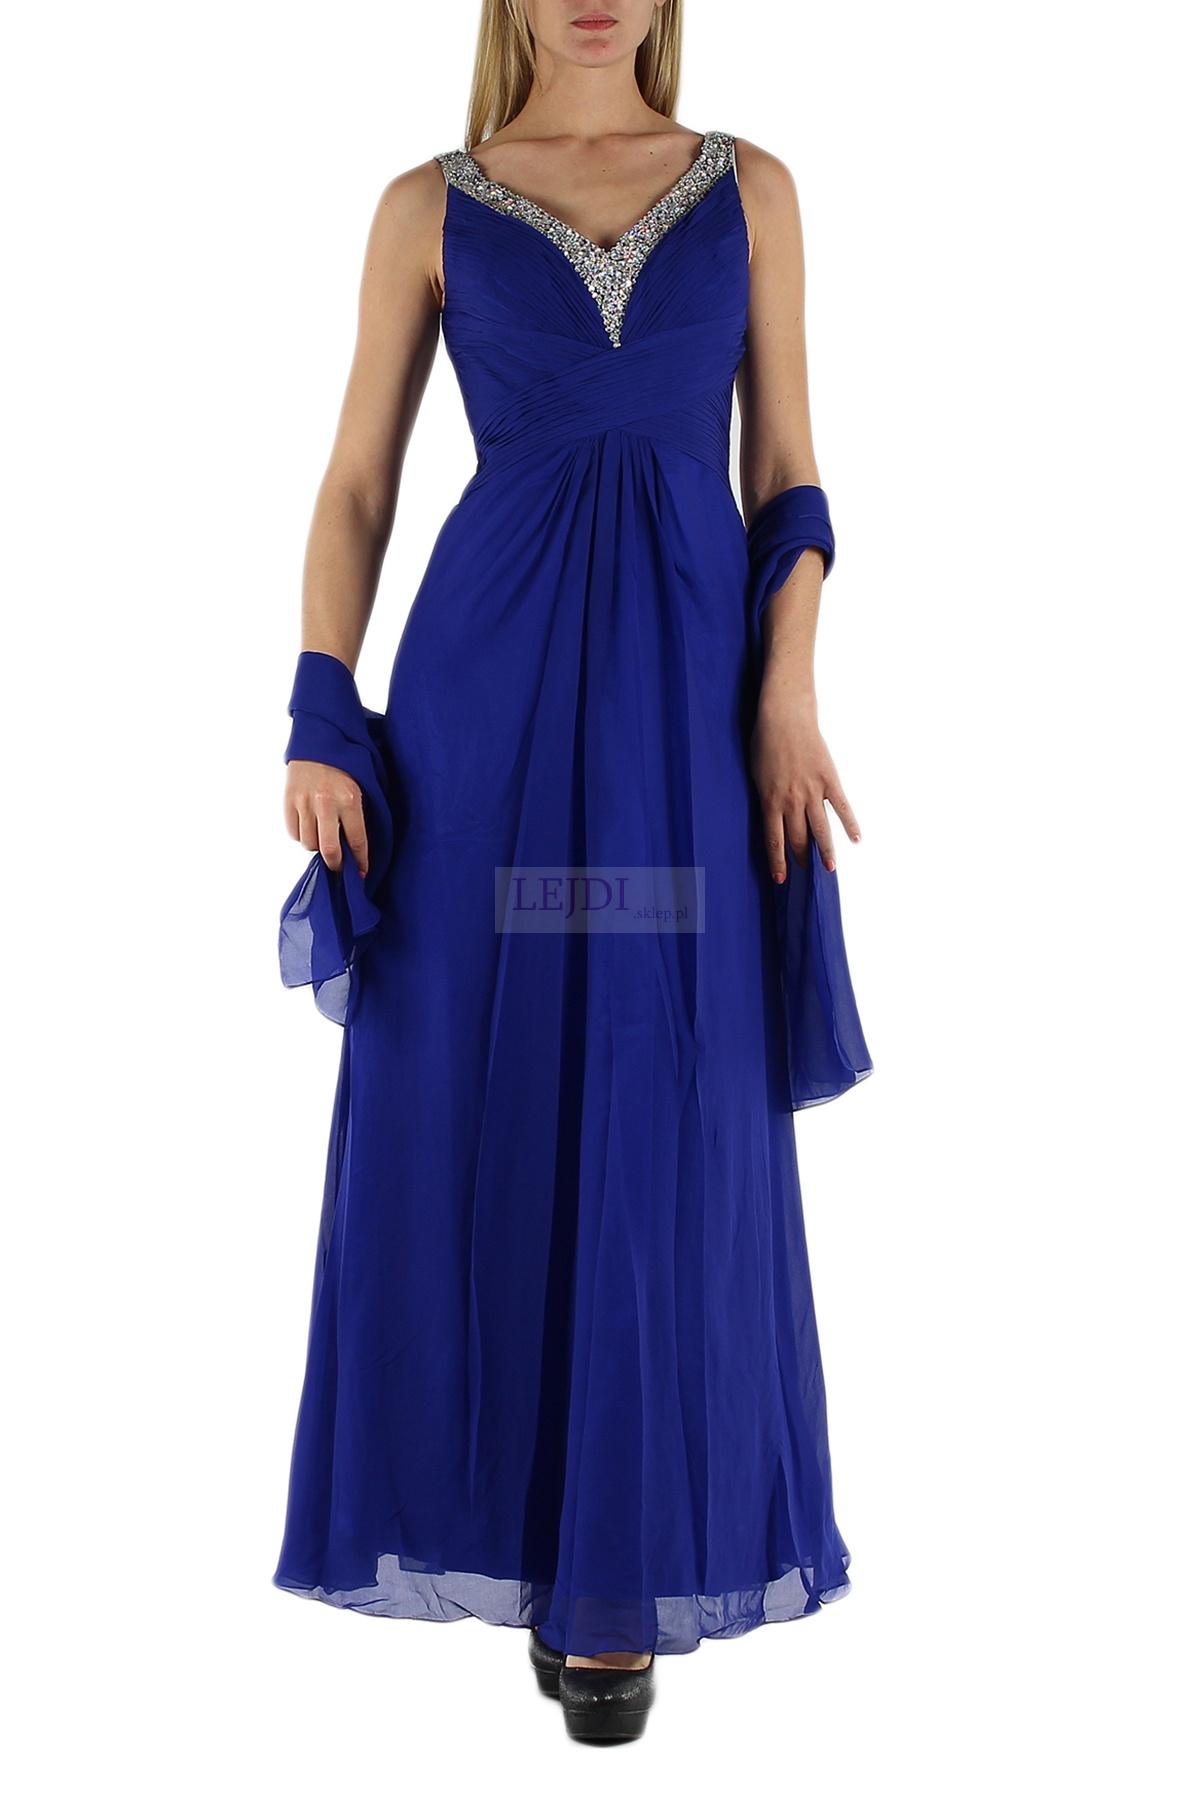 Suknie wieczorowe dla Matki Panny Młodej, suknia dla Matki Pana Młodego